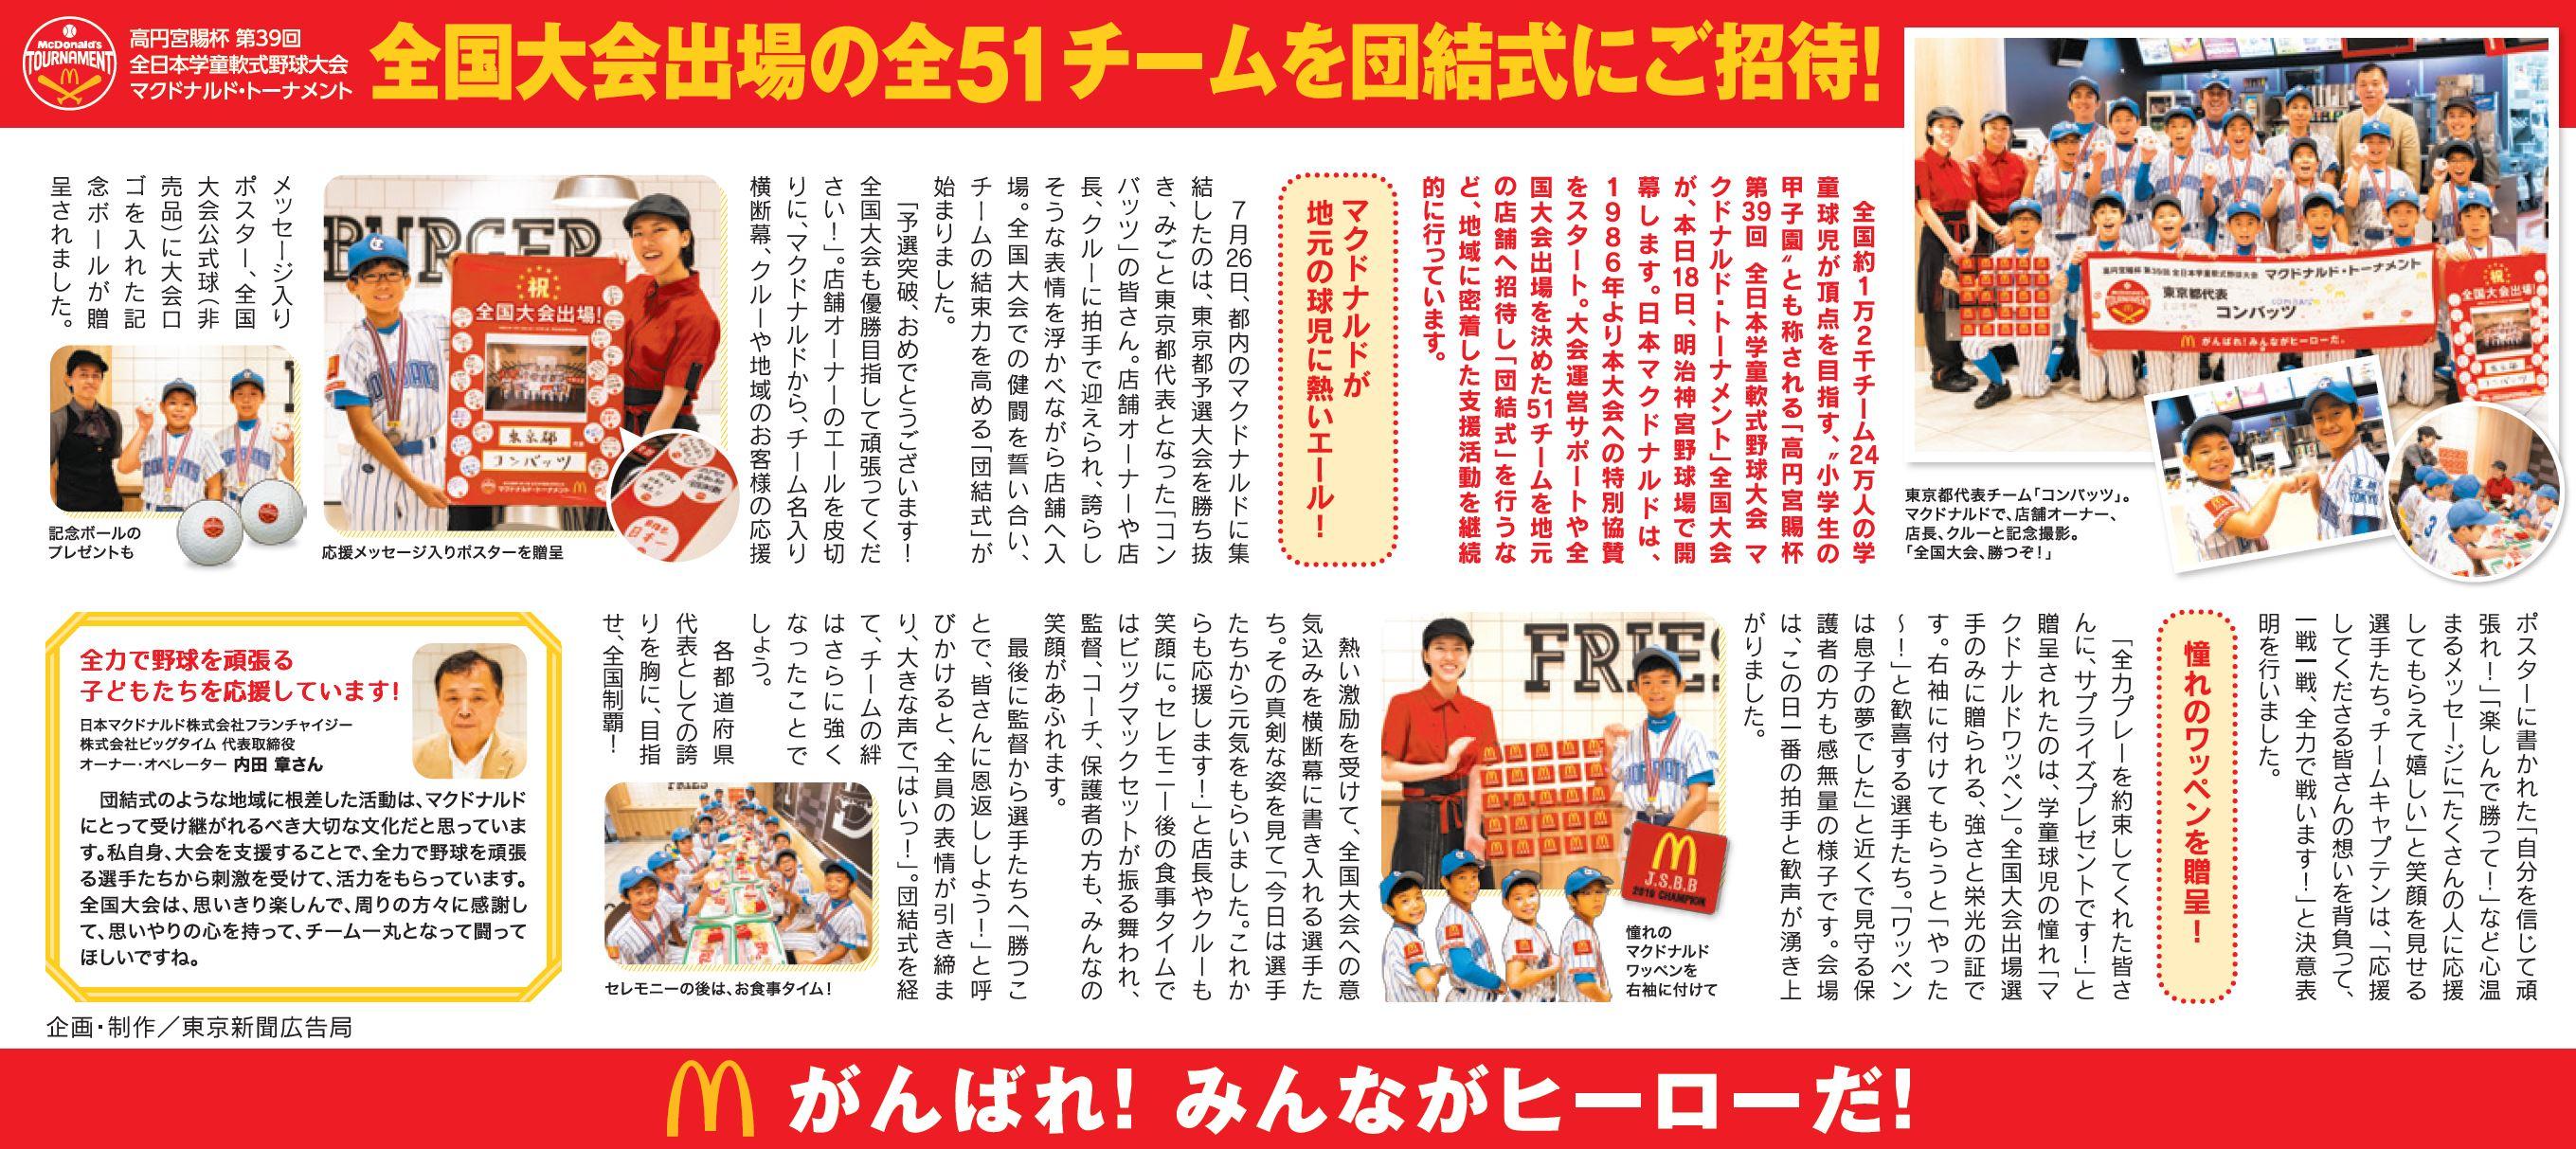 東京新聞 学校軟式野球大会